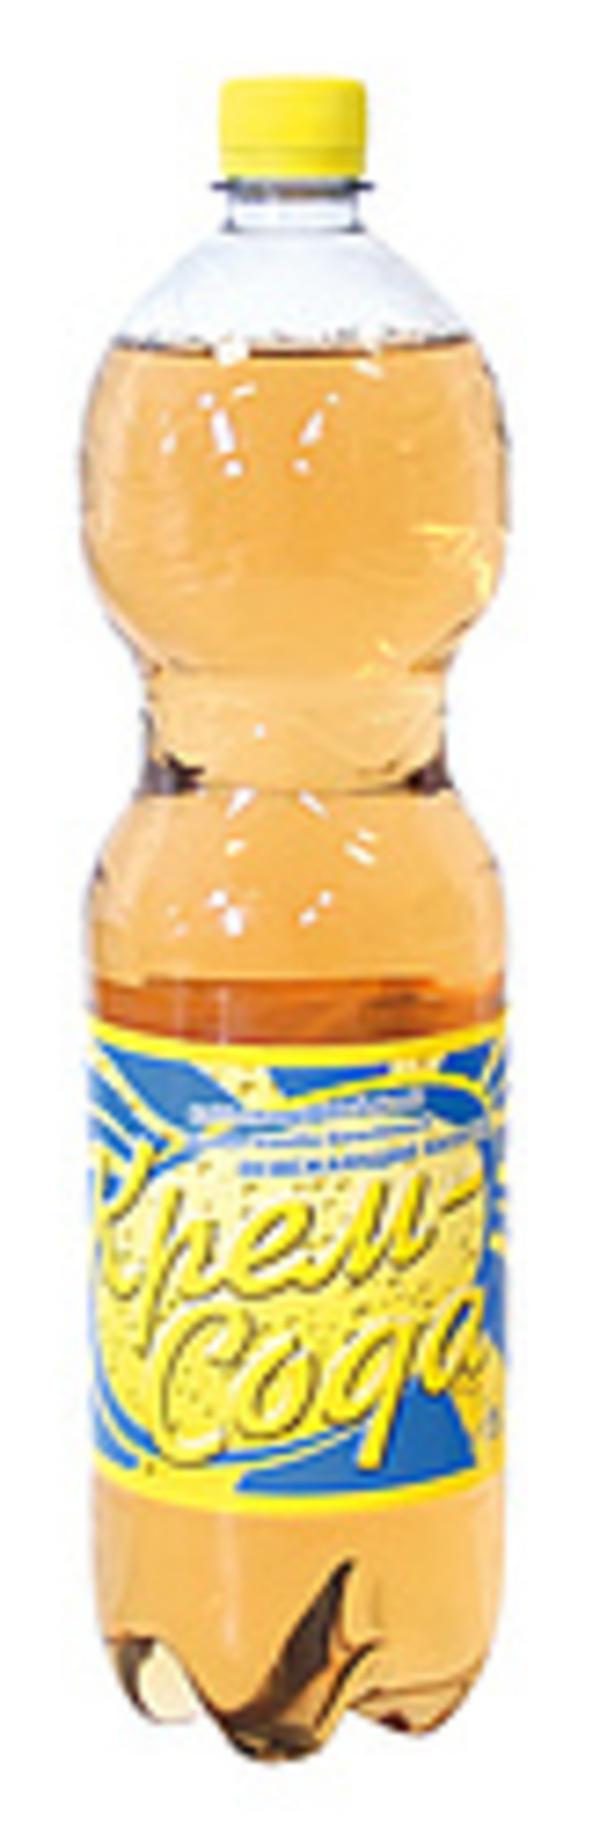 """Erfrischungsgetränk mit Birnen-Vanille-Geschmack """"Limonad Kr..."""